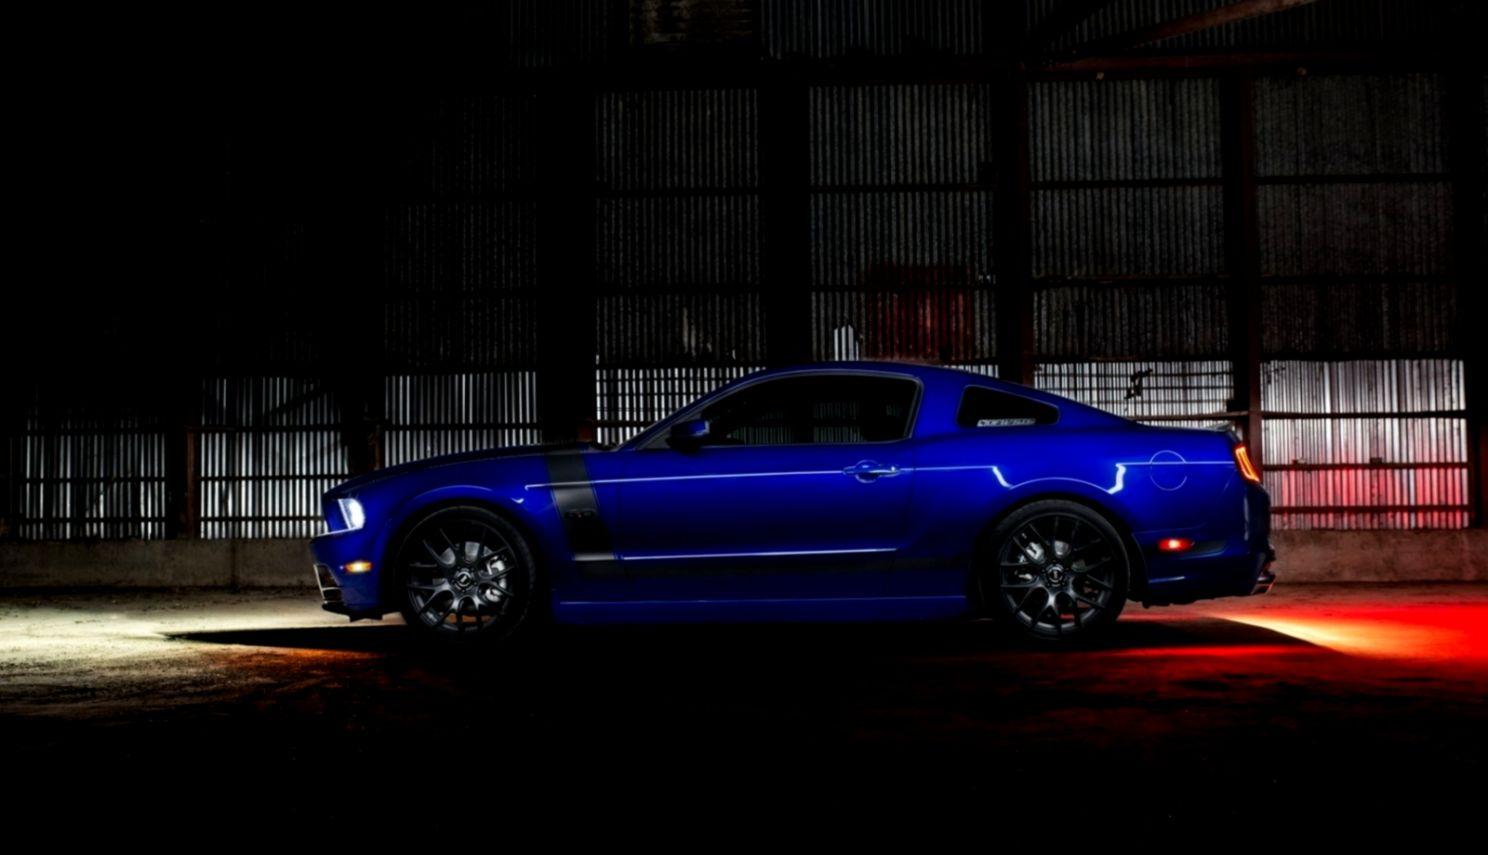 Ford Mustang Warehouse Car Hd Wallpaper  Wallpaper List